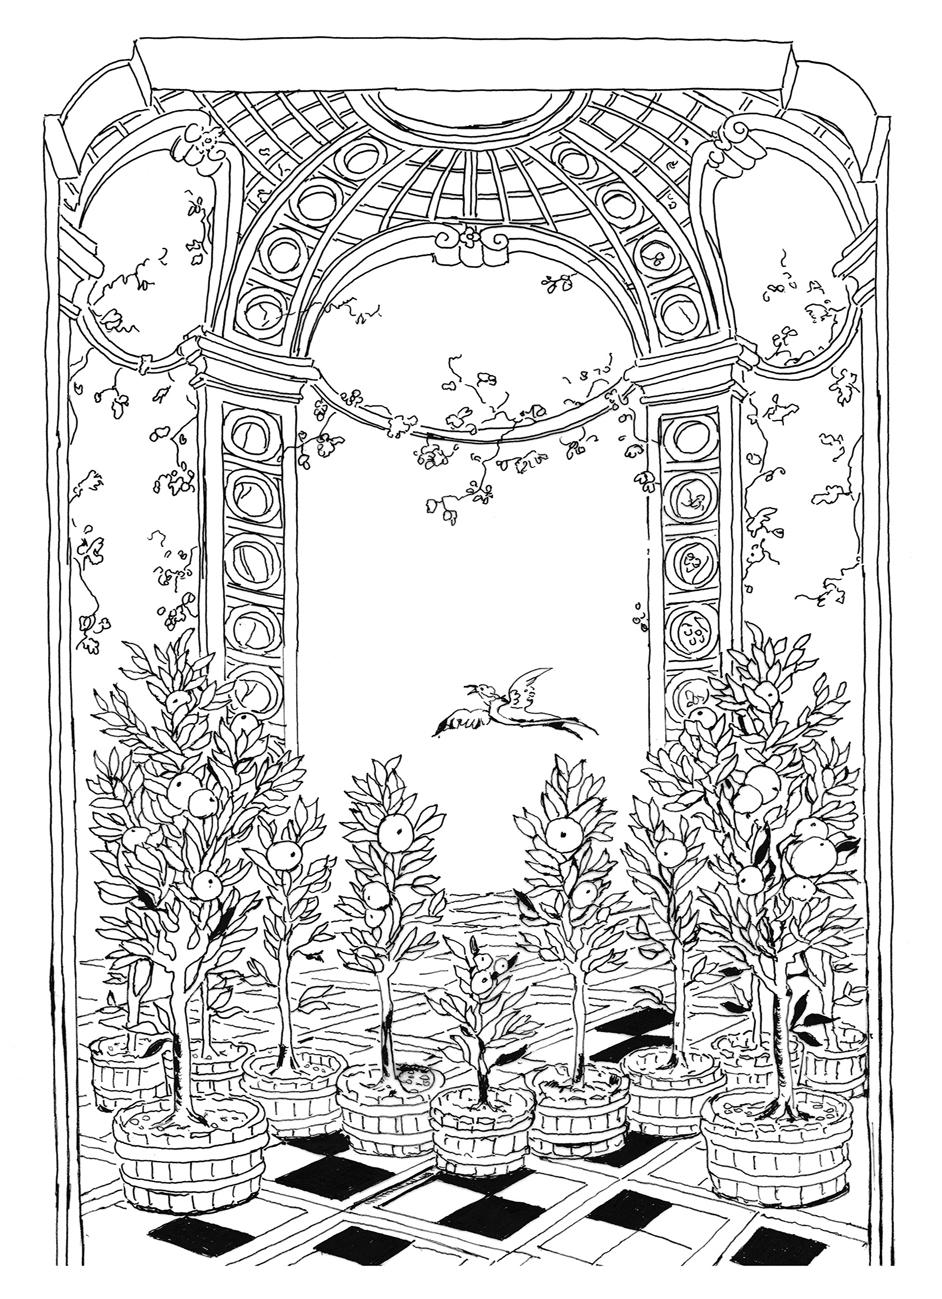 lost_garden_pippa_rossi_orangerie_about_